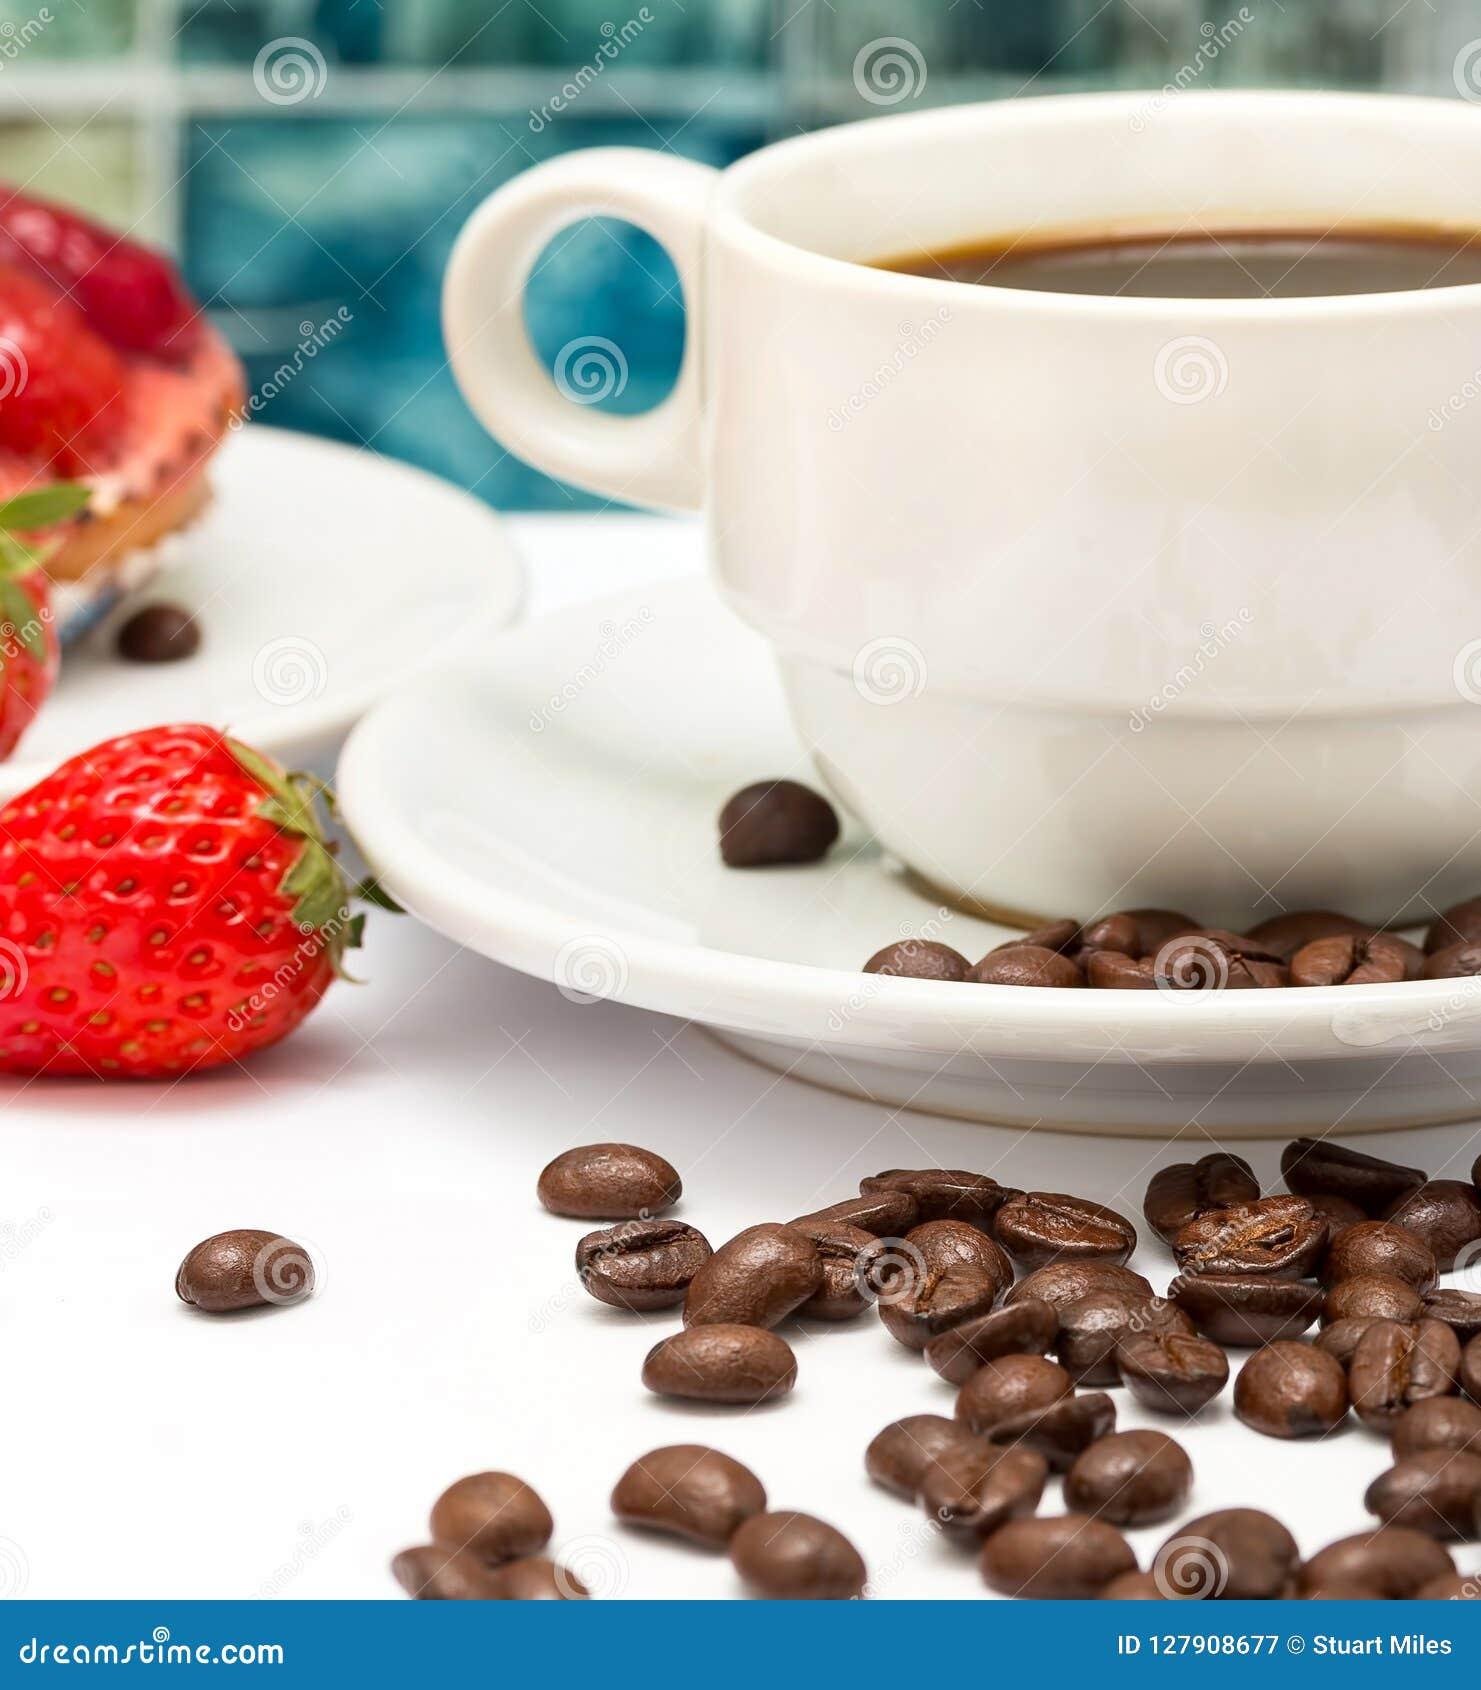 Τα φασόλια καφέ φρέσκα αντιπροσωπεύουν το ζεστά ποτό και Decaf